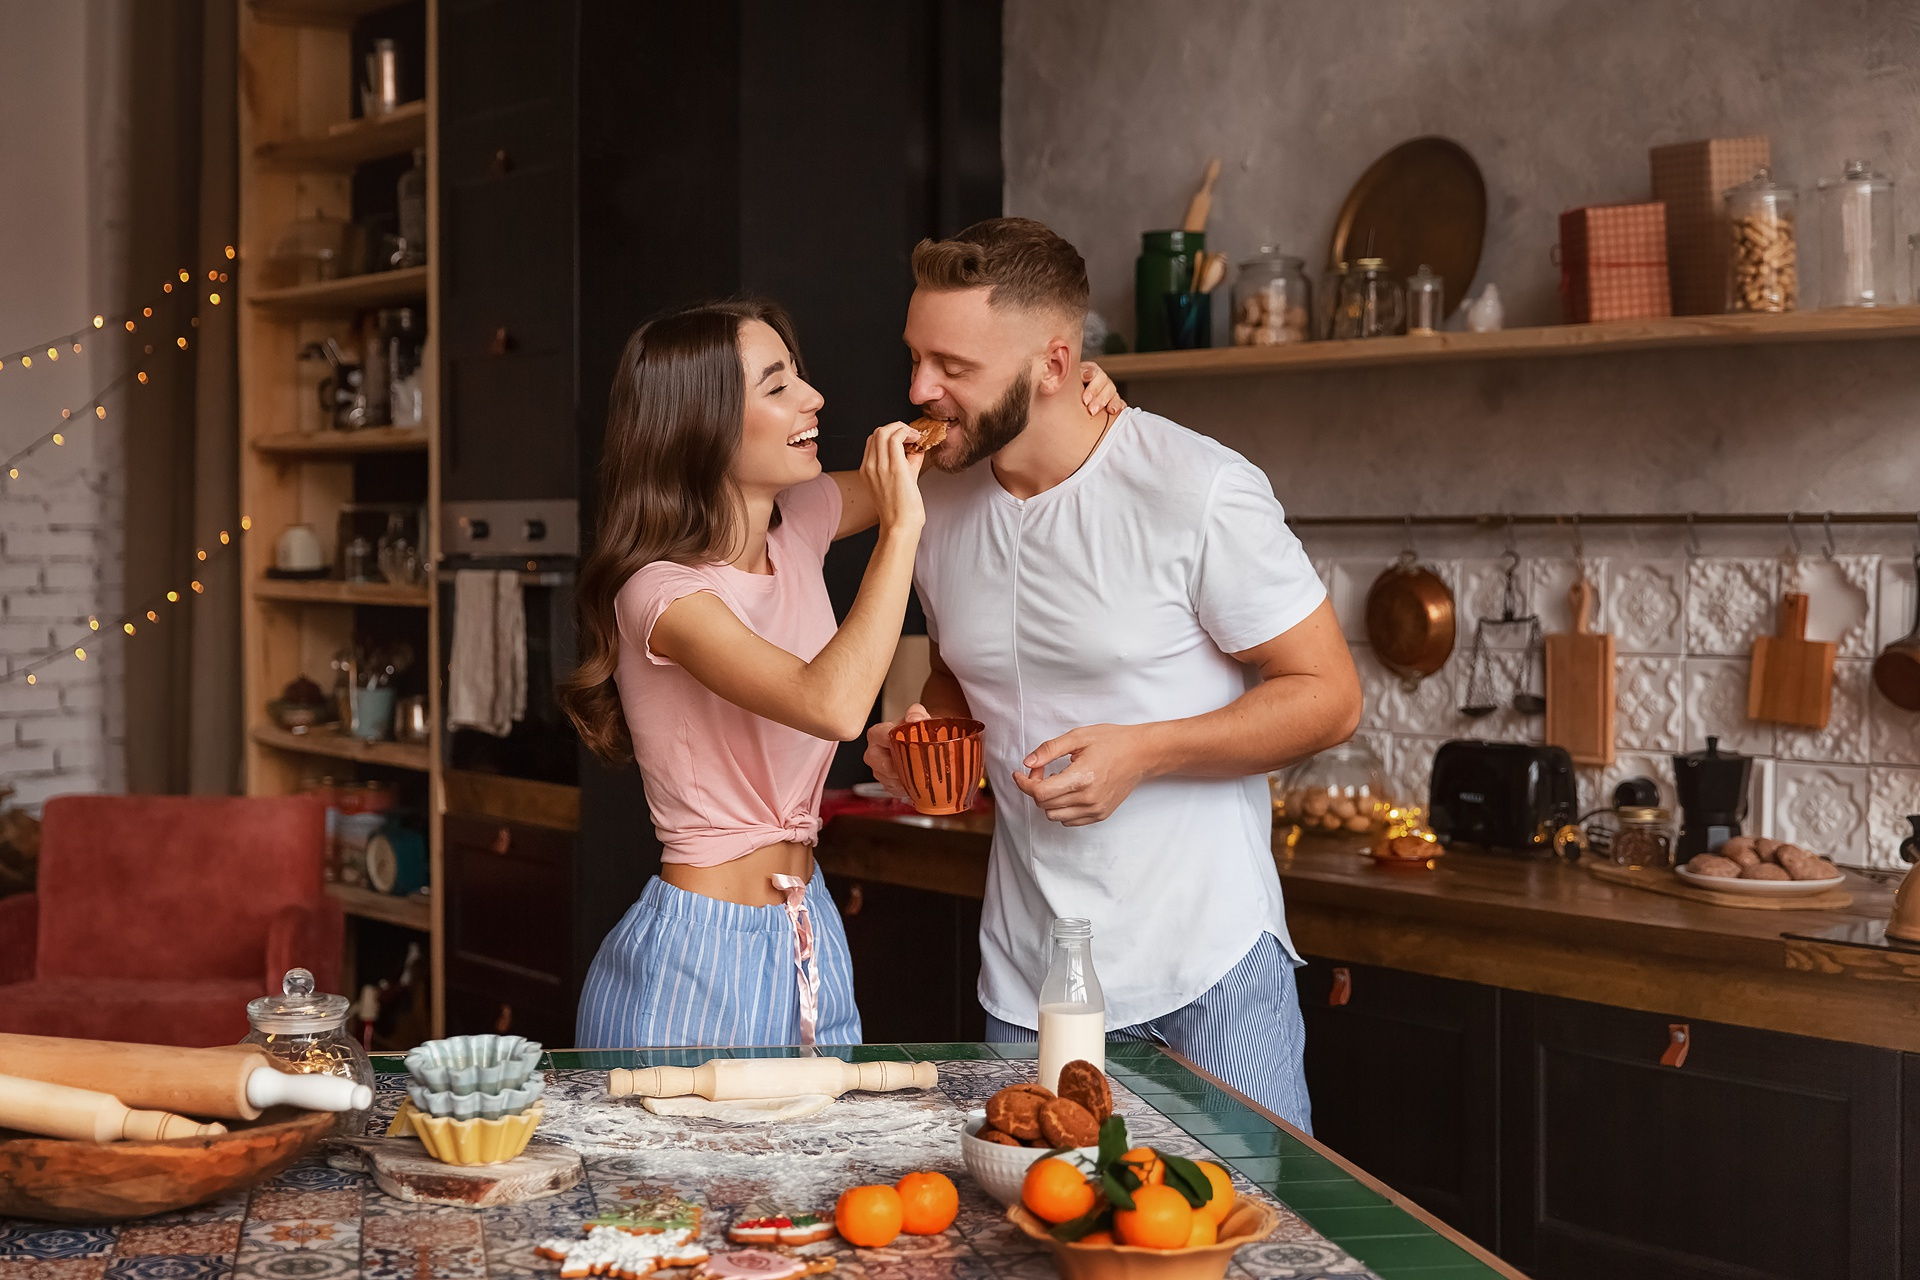 окончательно идеи фотосессии для мужчин на кухне хранитель экрана автоматически